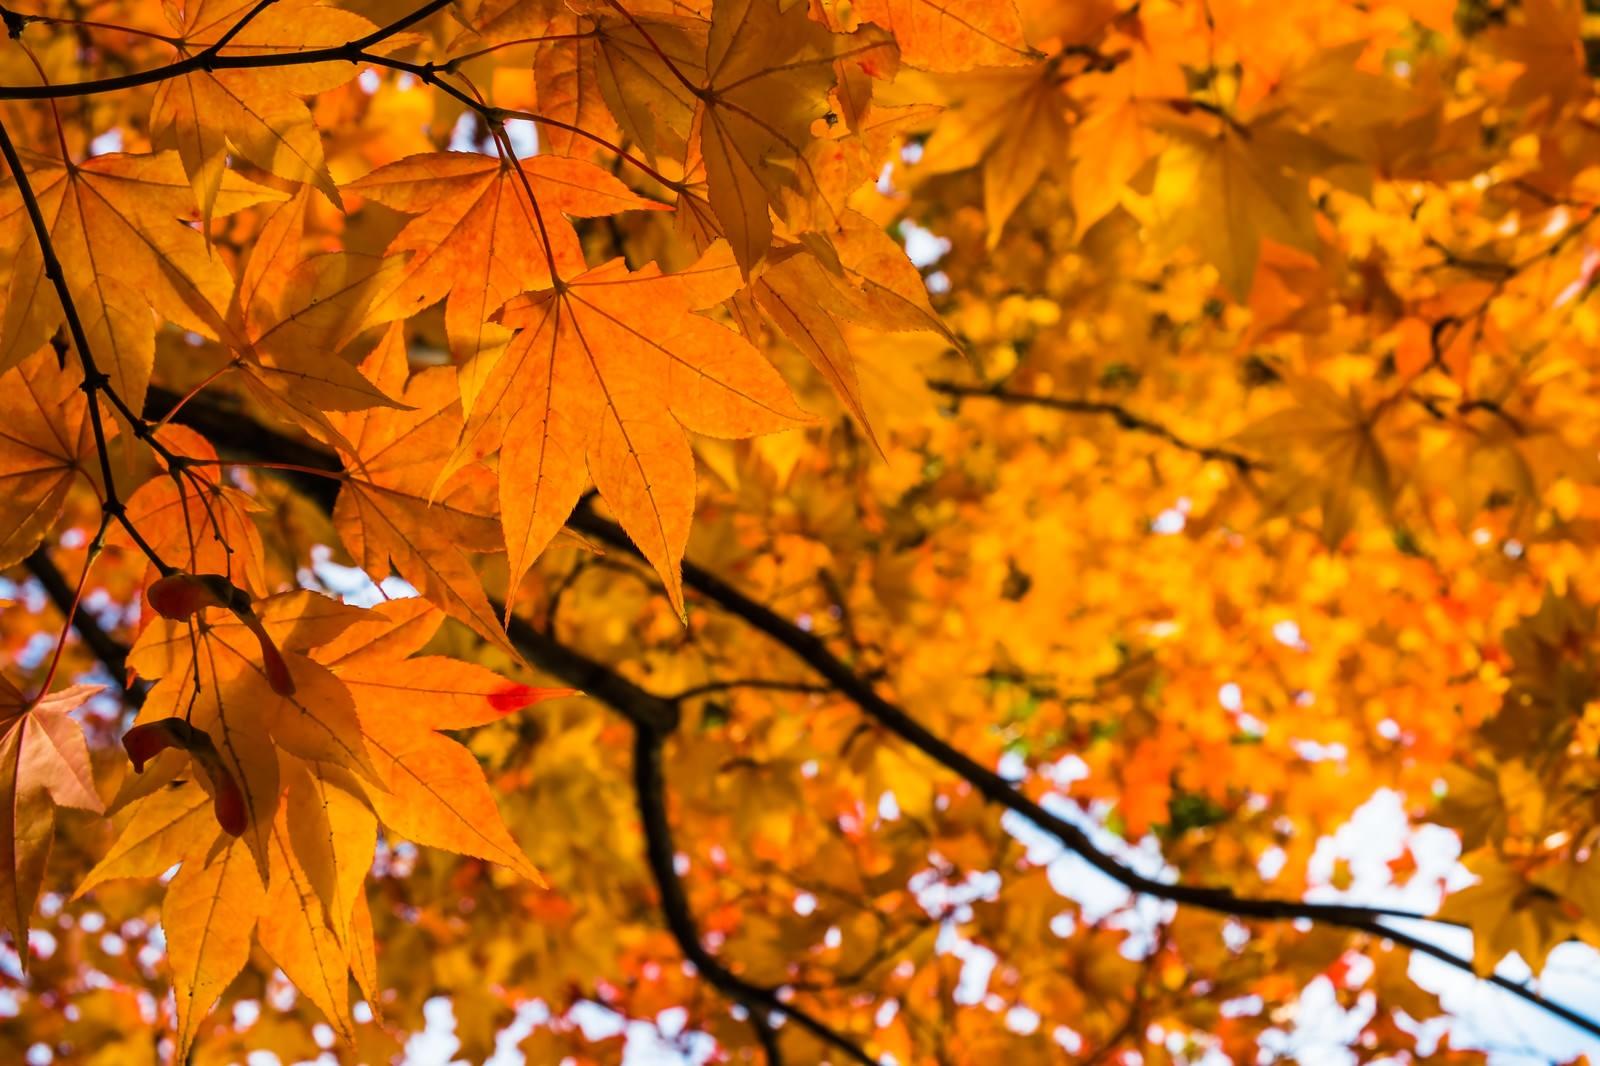 「黄葉の秋」の写真